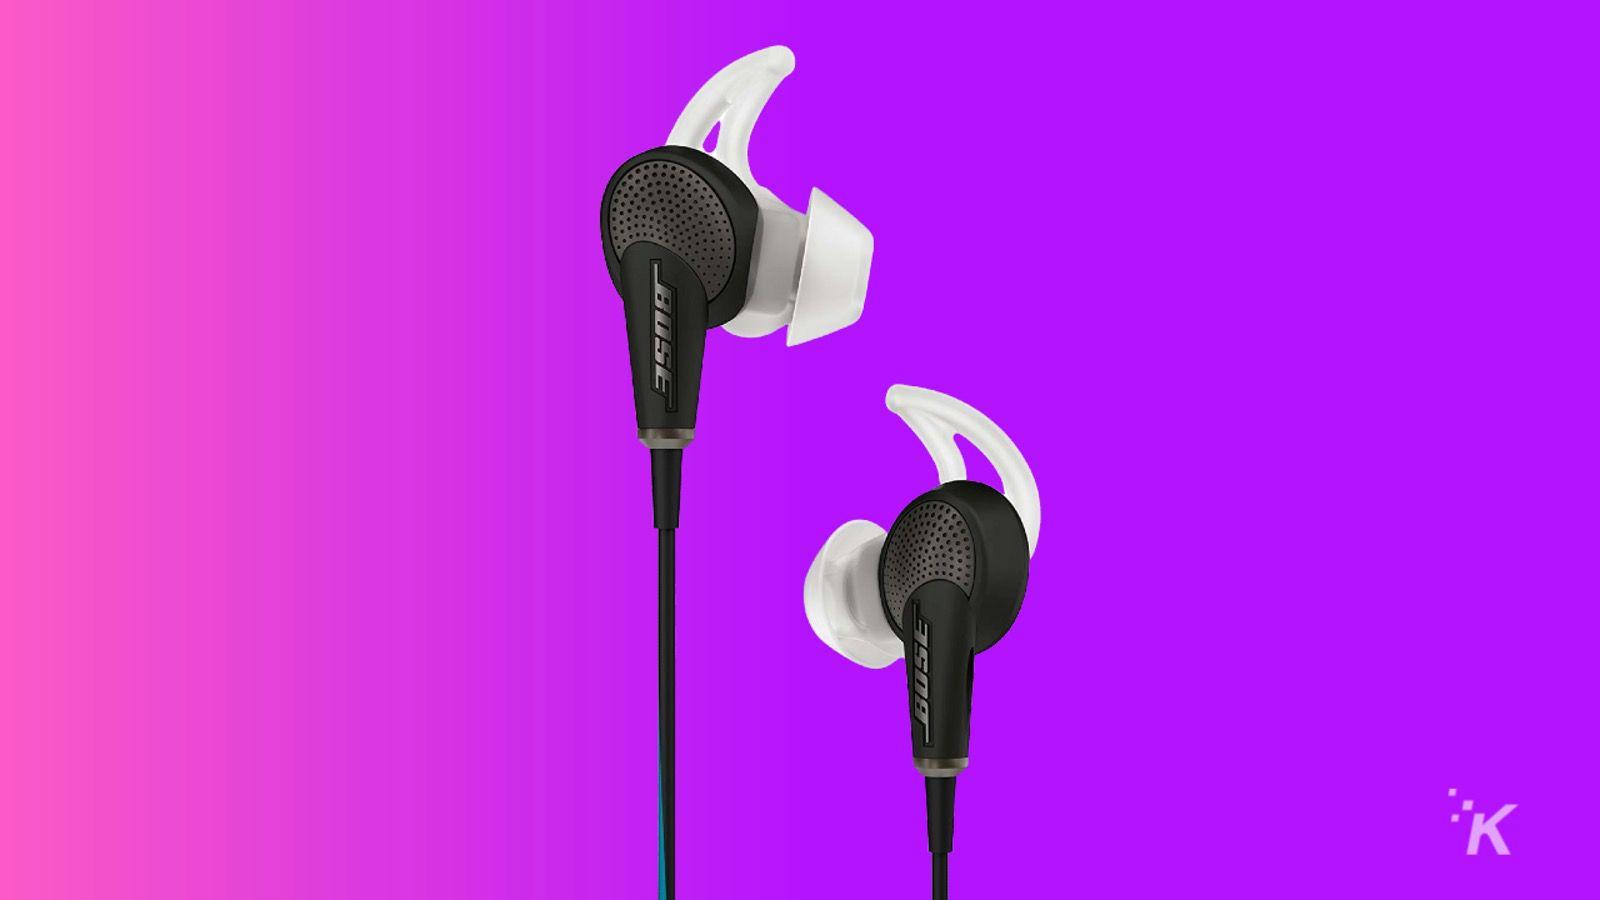 bose quietcomfort 20 best gaming earbuds